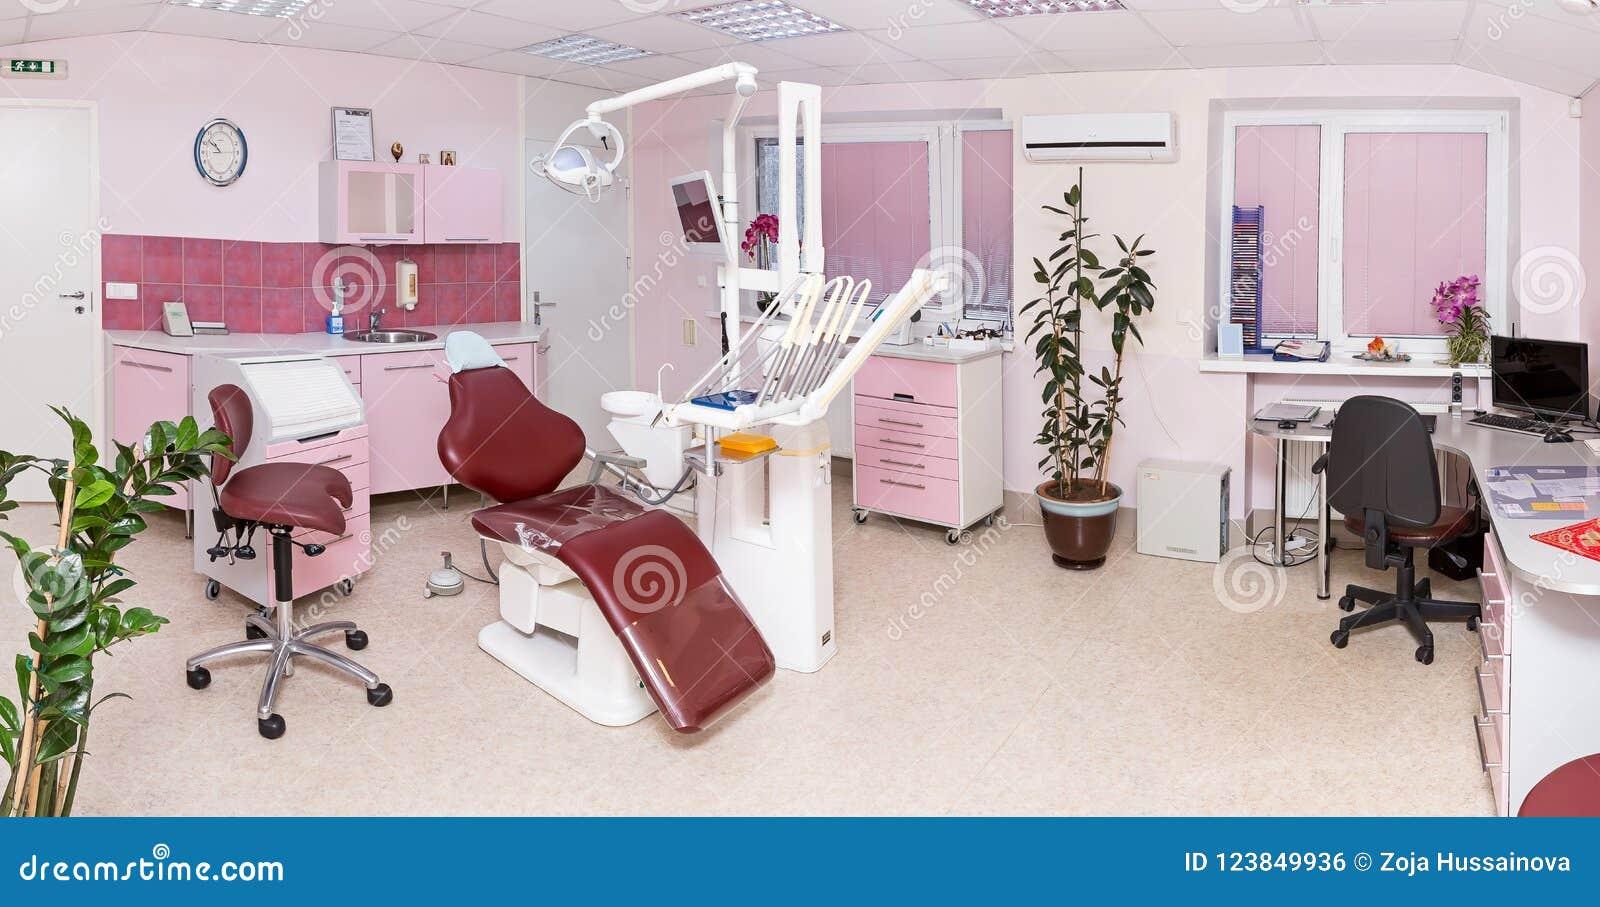 现代牙齿诊所口腔医学内部与专家的